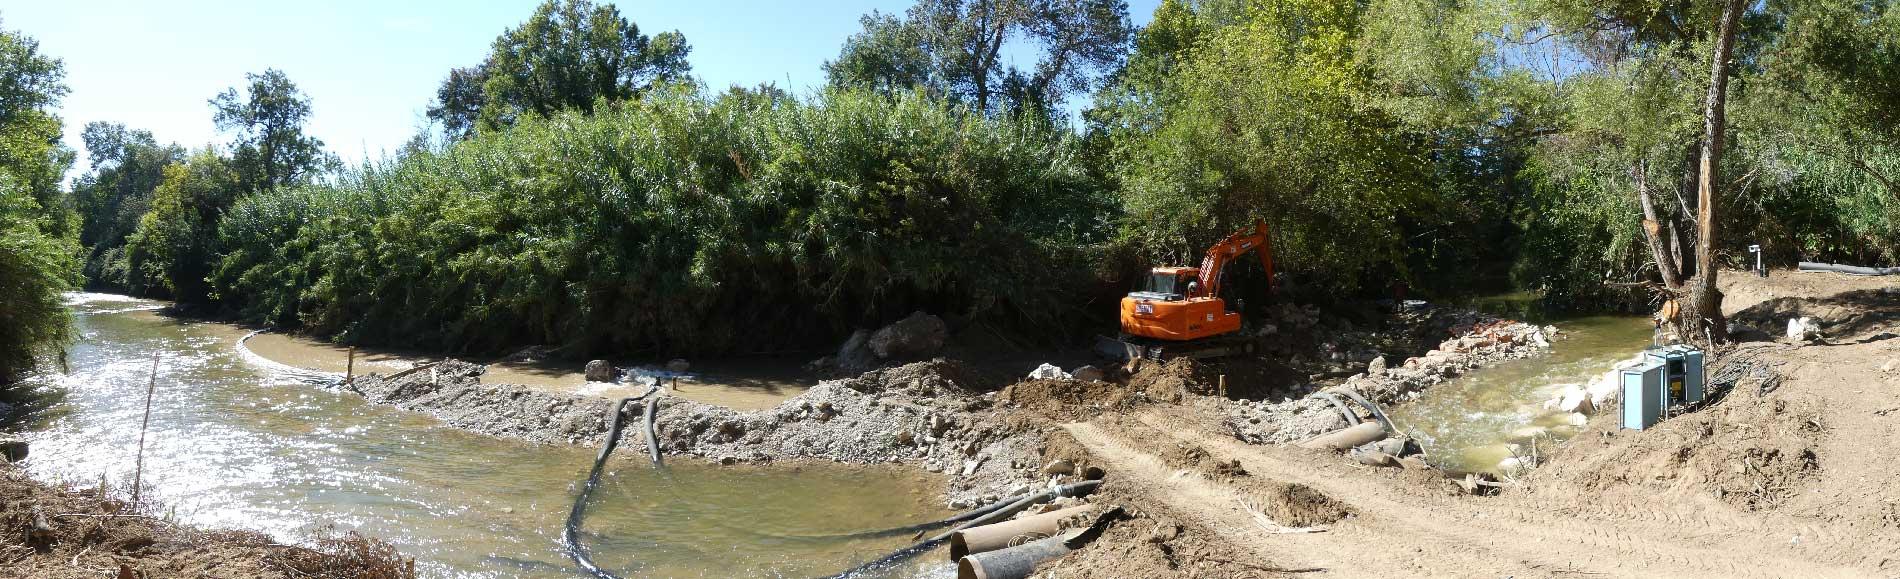 Destruction du seuil et busage partiel du cours d'eau